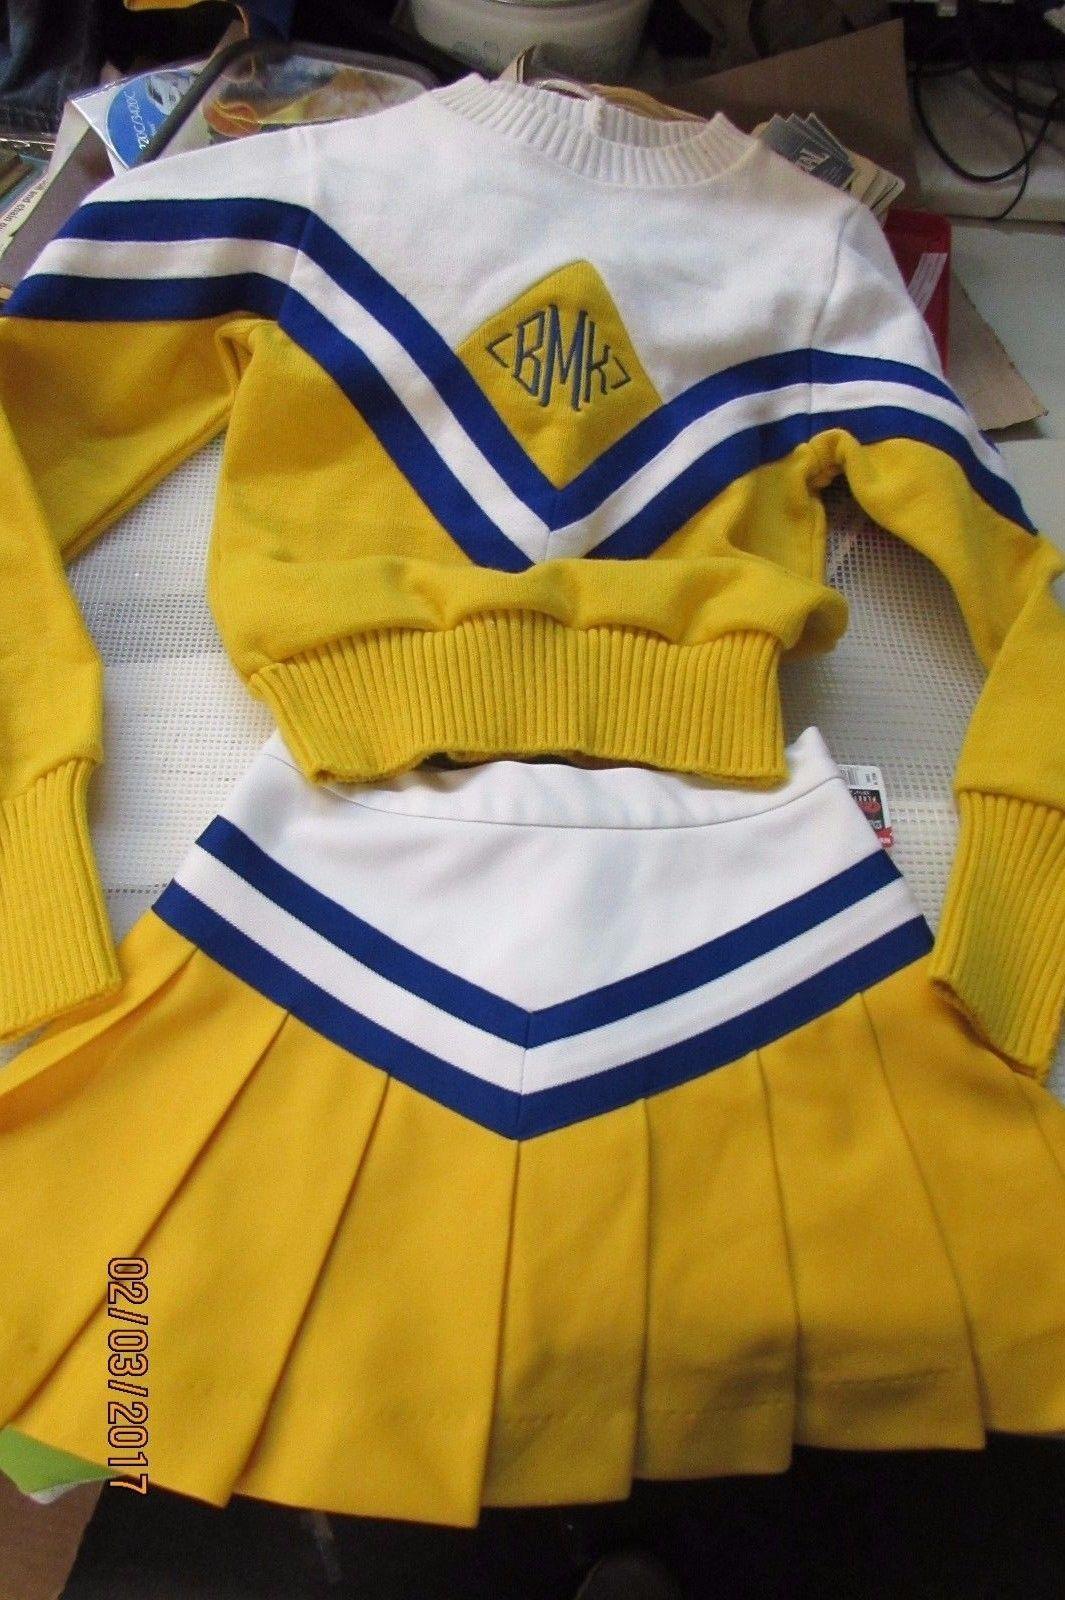 b8294de7 Real Vintage Cheerleading Uniform Outfit 2 Piece Set in 2019 | Go ...